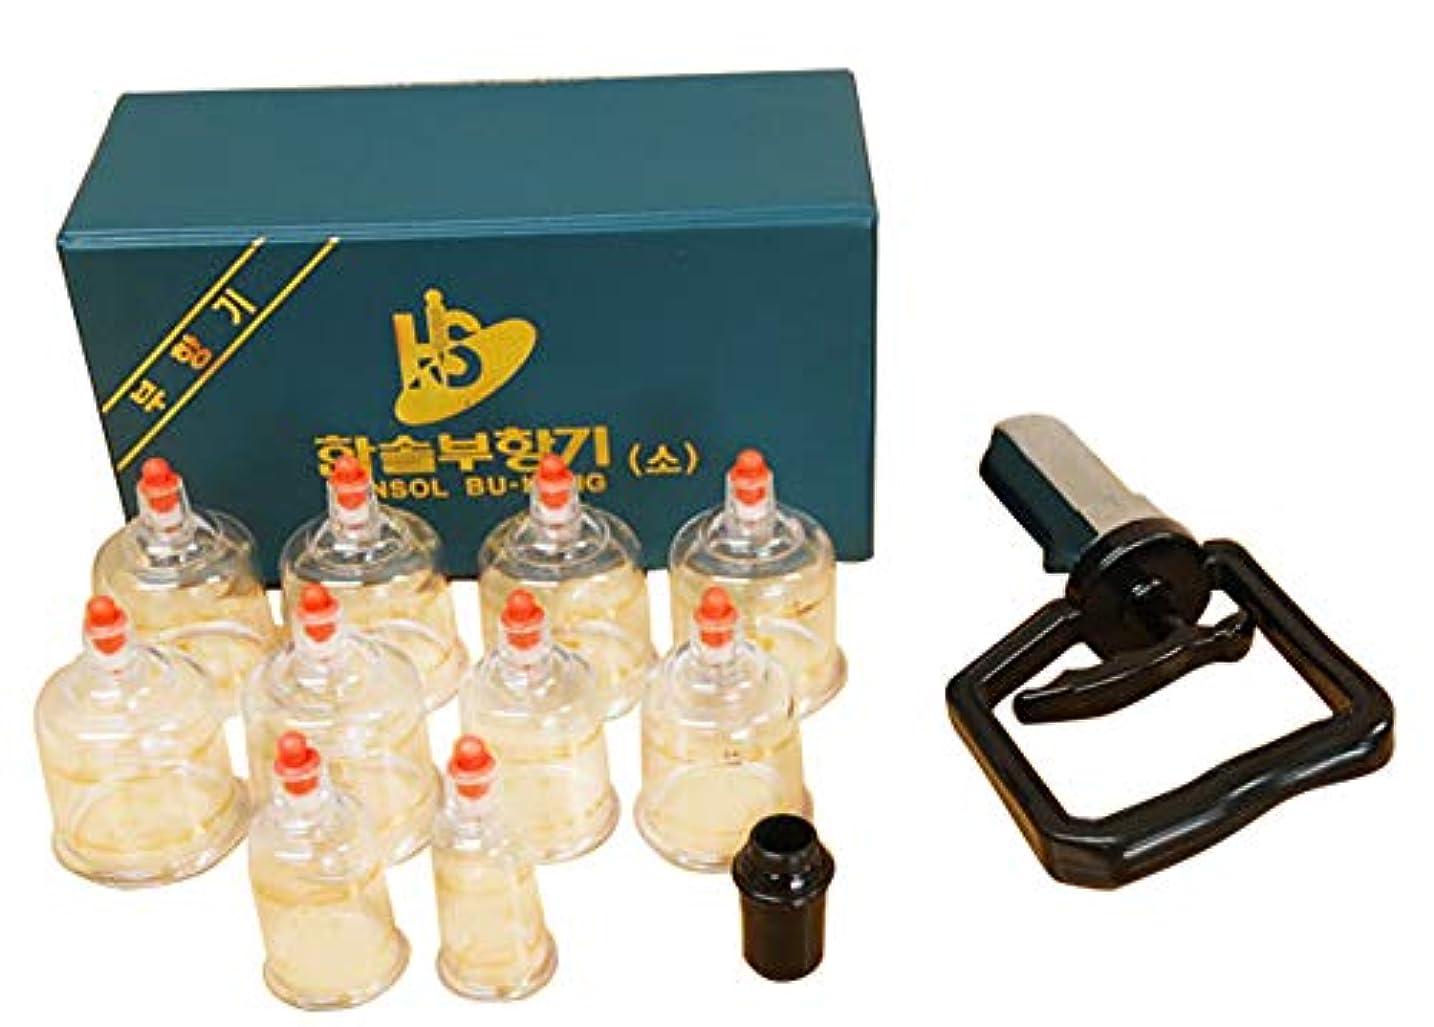 レンジオリエンタルグラフ中国四千年の健康法「吸玉」がご家庭で手軽にできる!ハンソルメディカル ブハン カッピングカップ10個セット